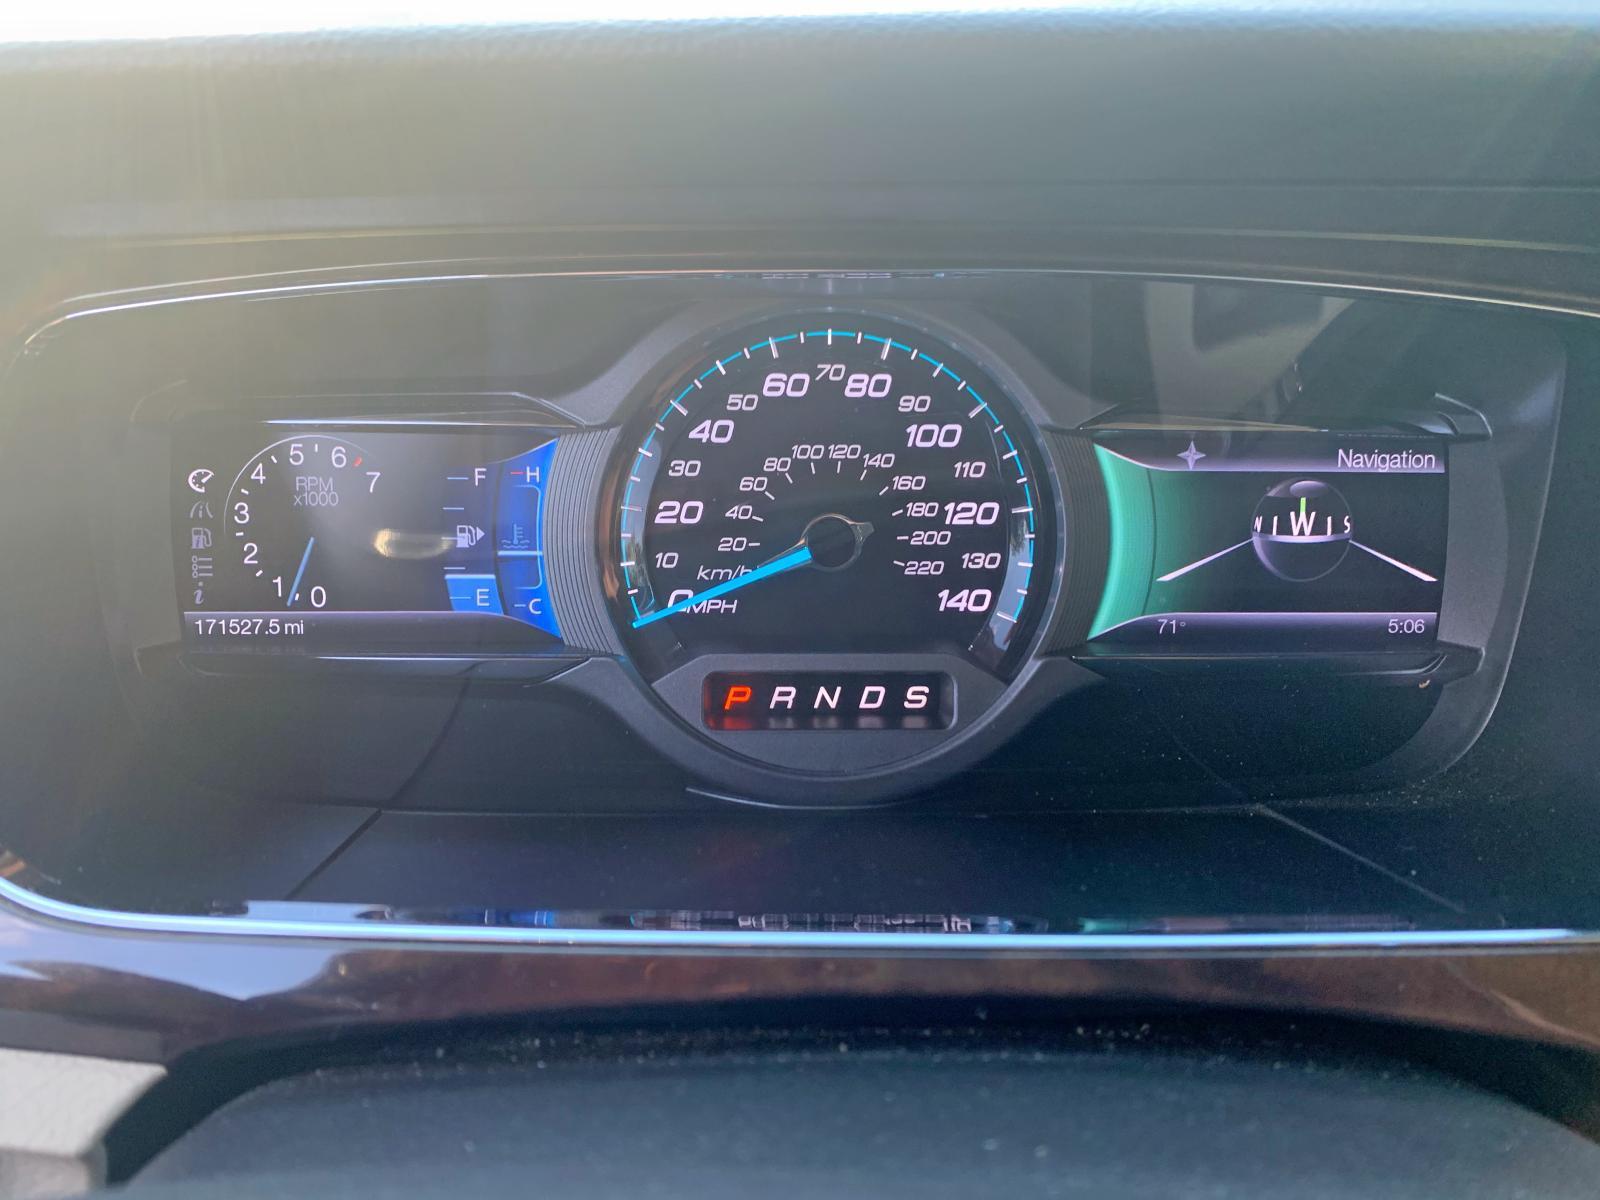 1FAHP2J81DG179537 - 2013 Ford Taurus Lim 3.5L inside view